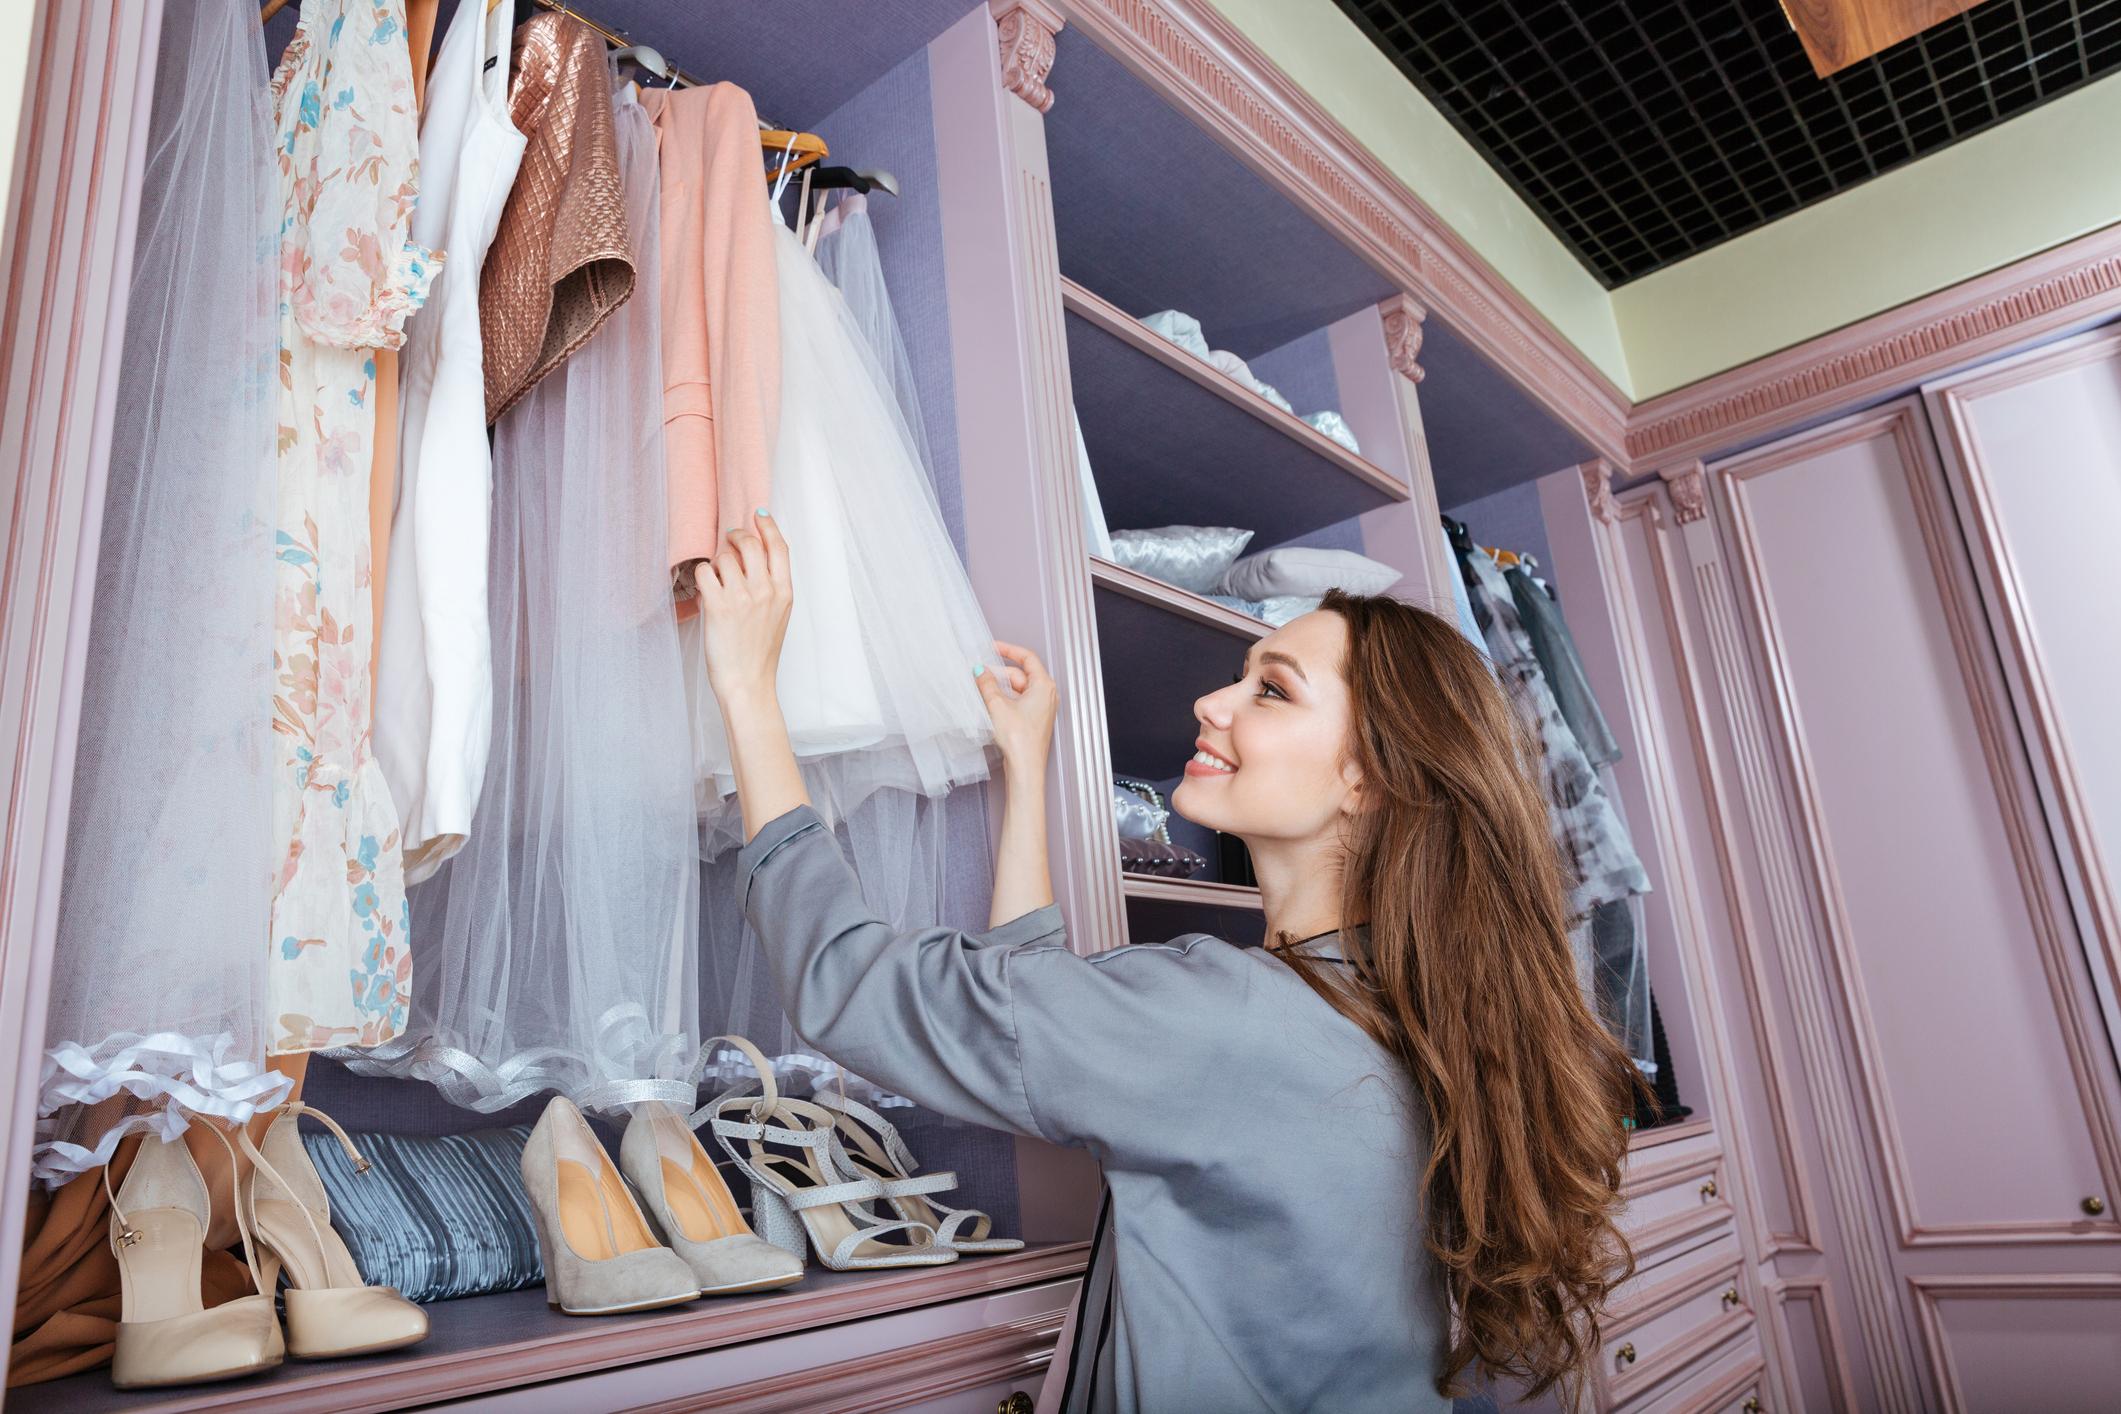 Когато си превзела огромна част от гардероба.